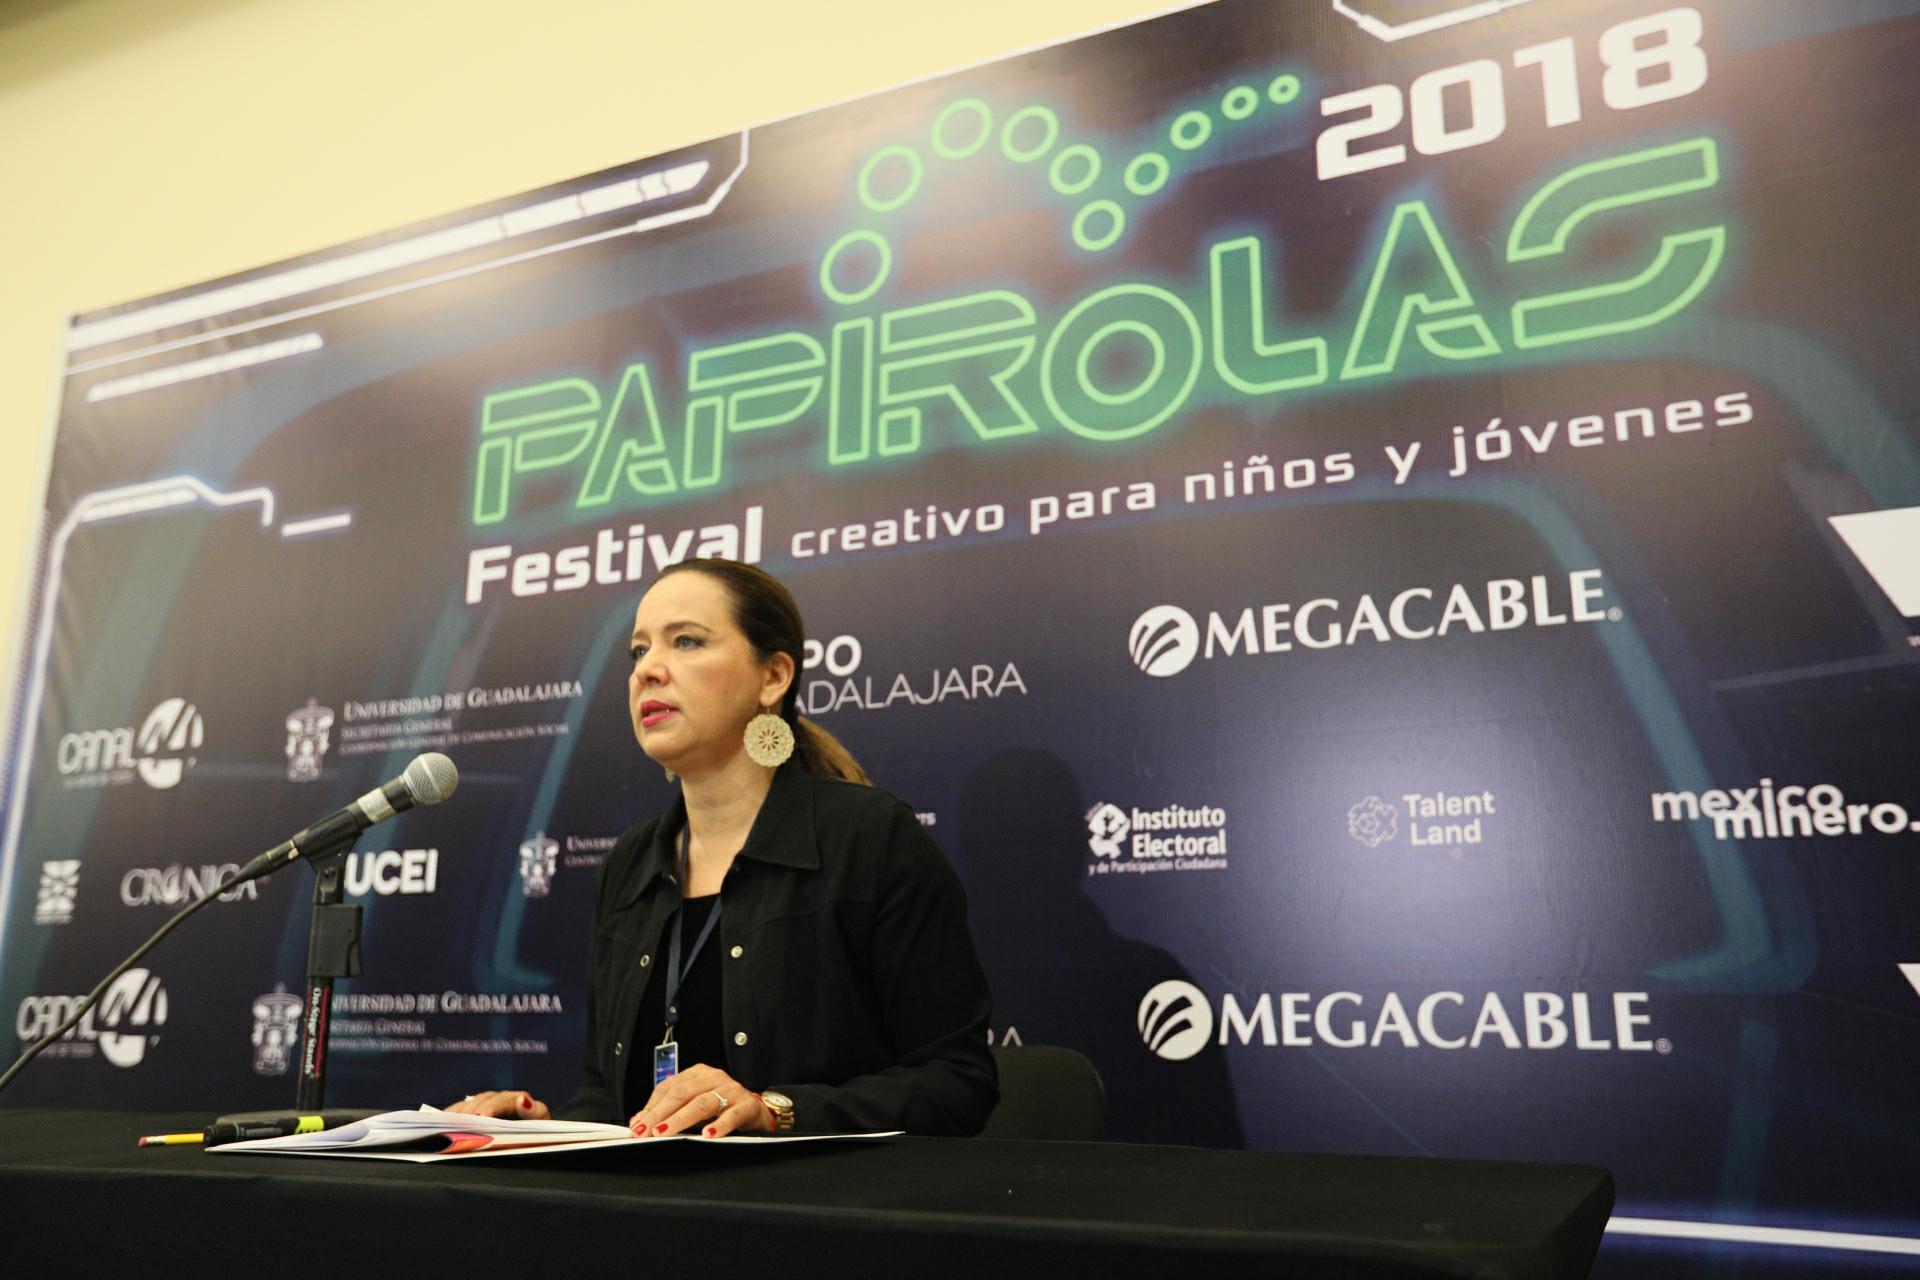 Directora de Papirolas, Marcela García Bátiz, durante la rueda de prensa para dar a conocer los resultados obtenidos obtenidos de una serie de consultas realizadas a los visitantes.